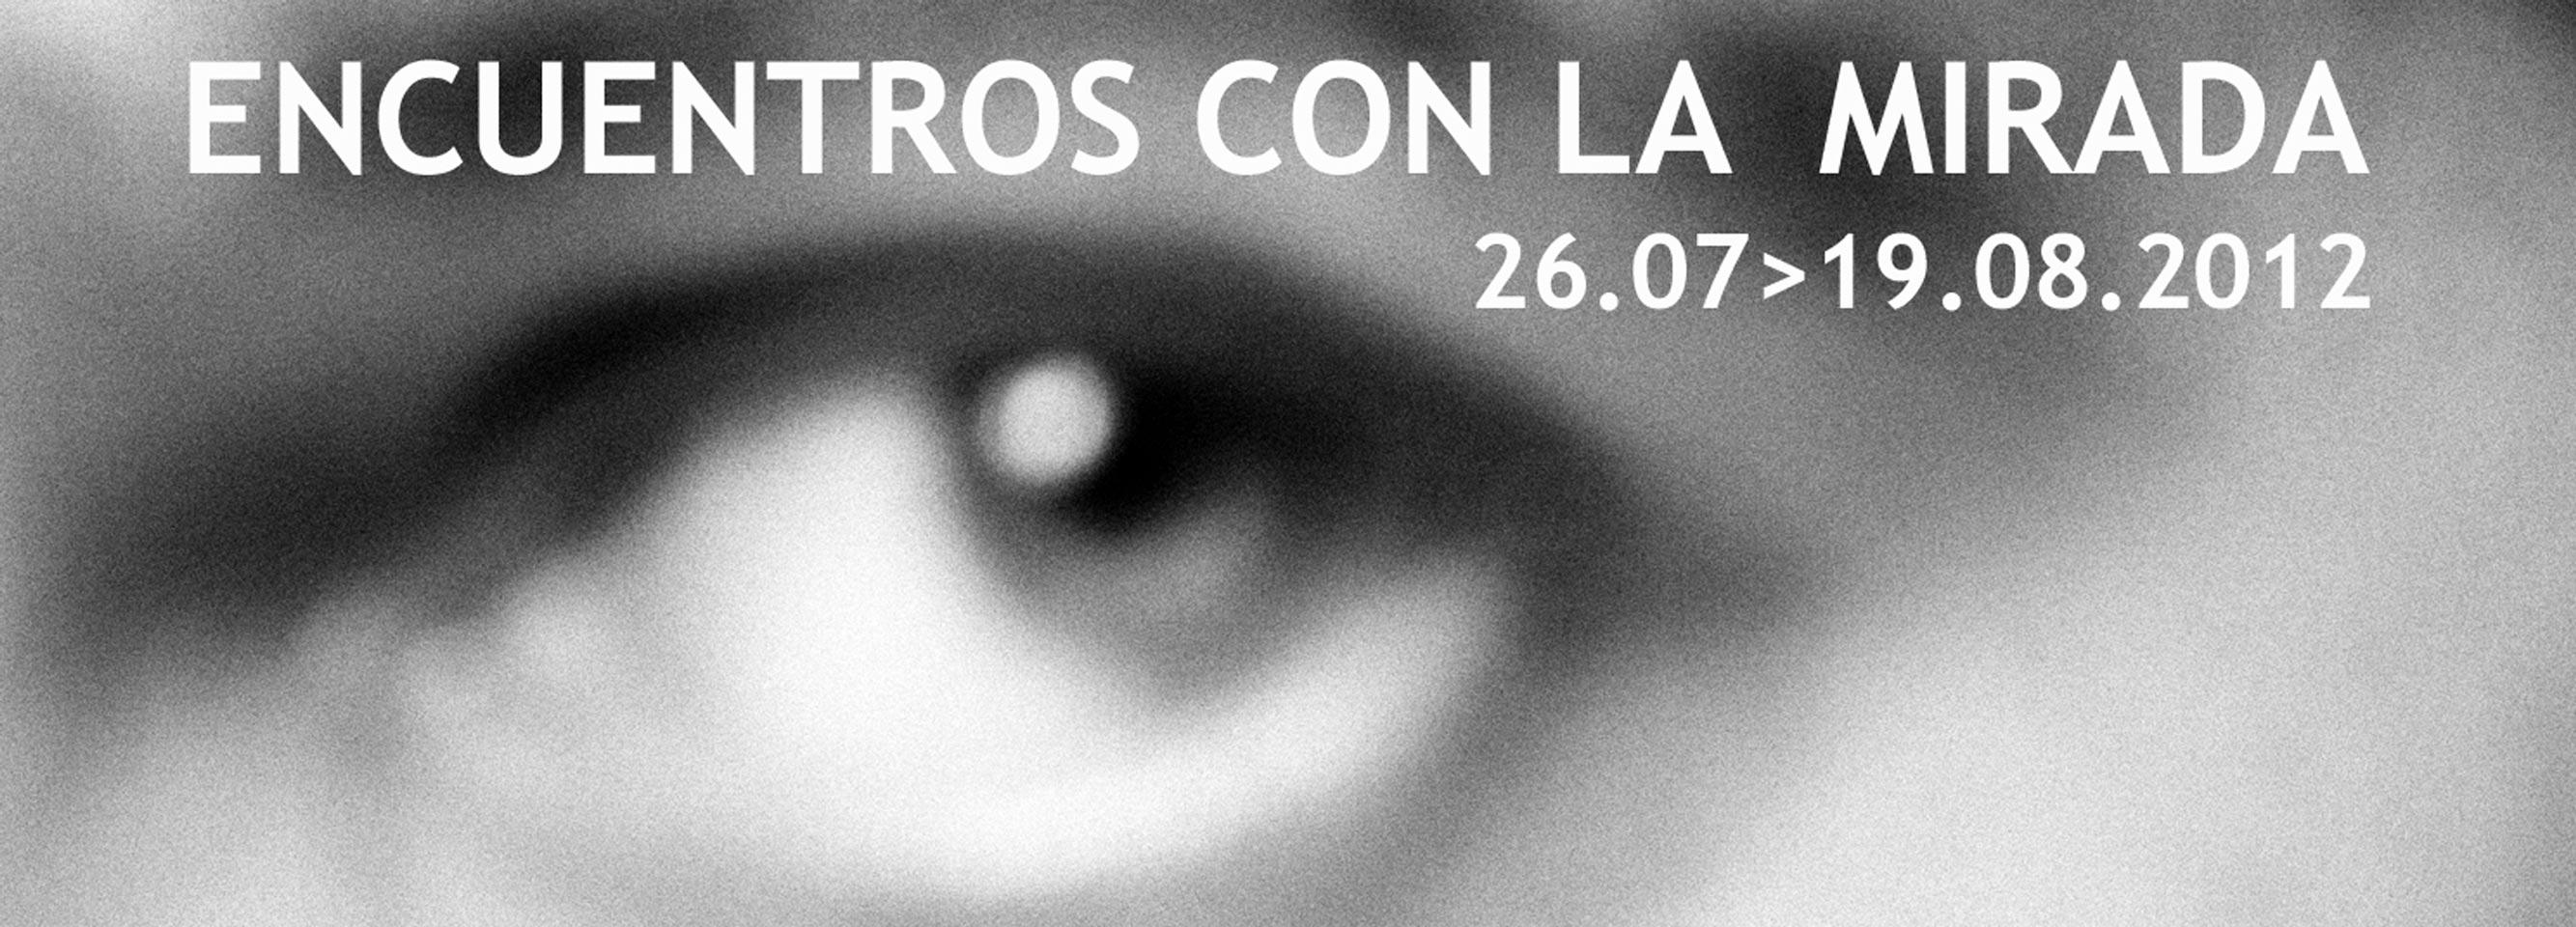 """Exposición """"Encuentros con la mirada"""" (Es Baluard, Gesma, Rif Spahn, Issa Watanabe y Bárbara Vidal) Flyer_2"""